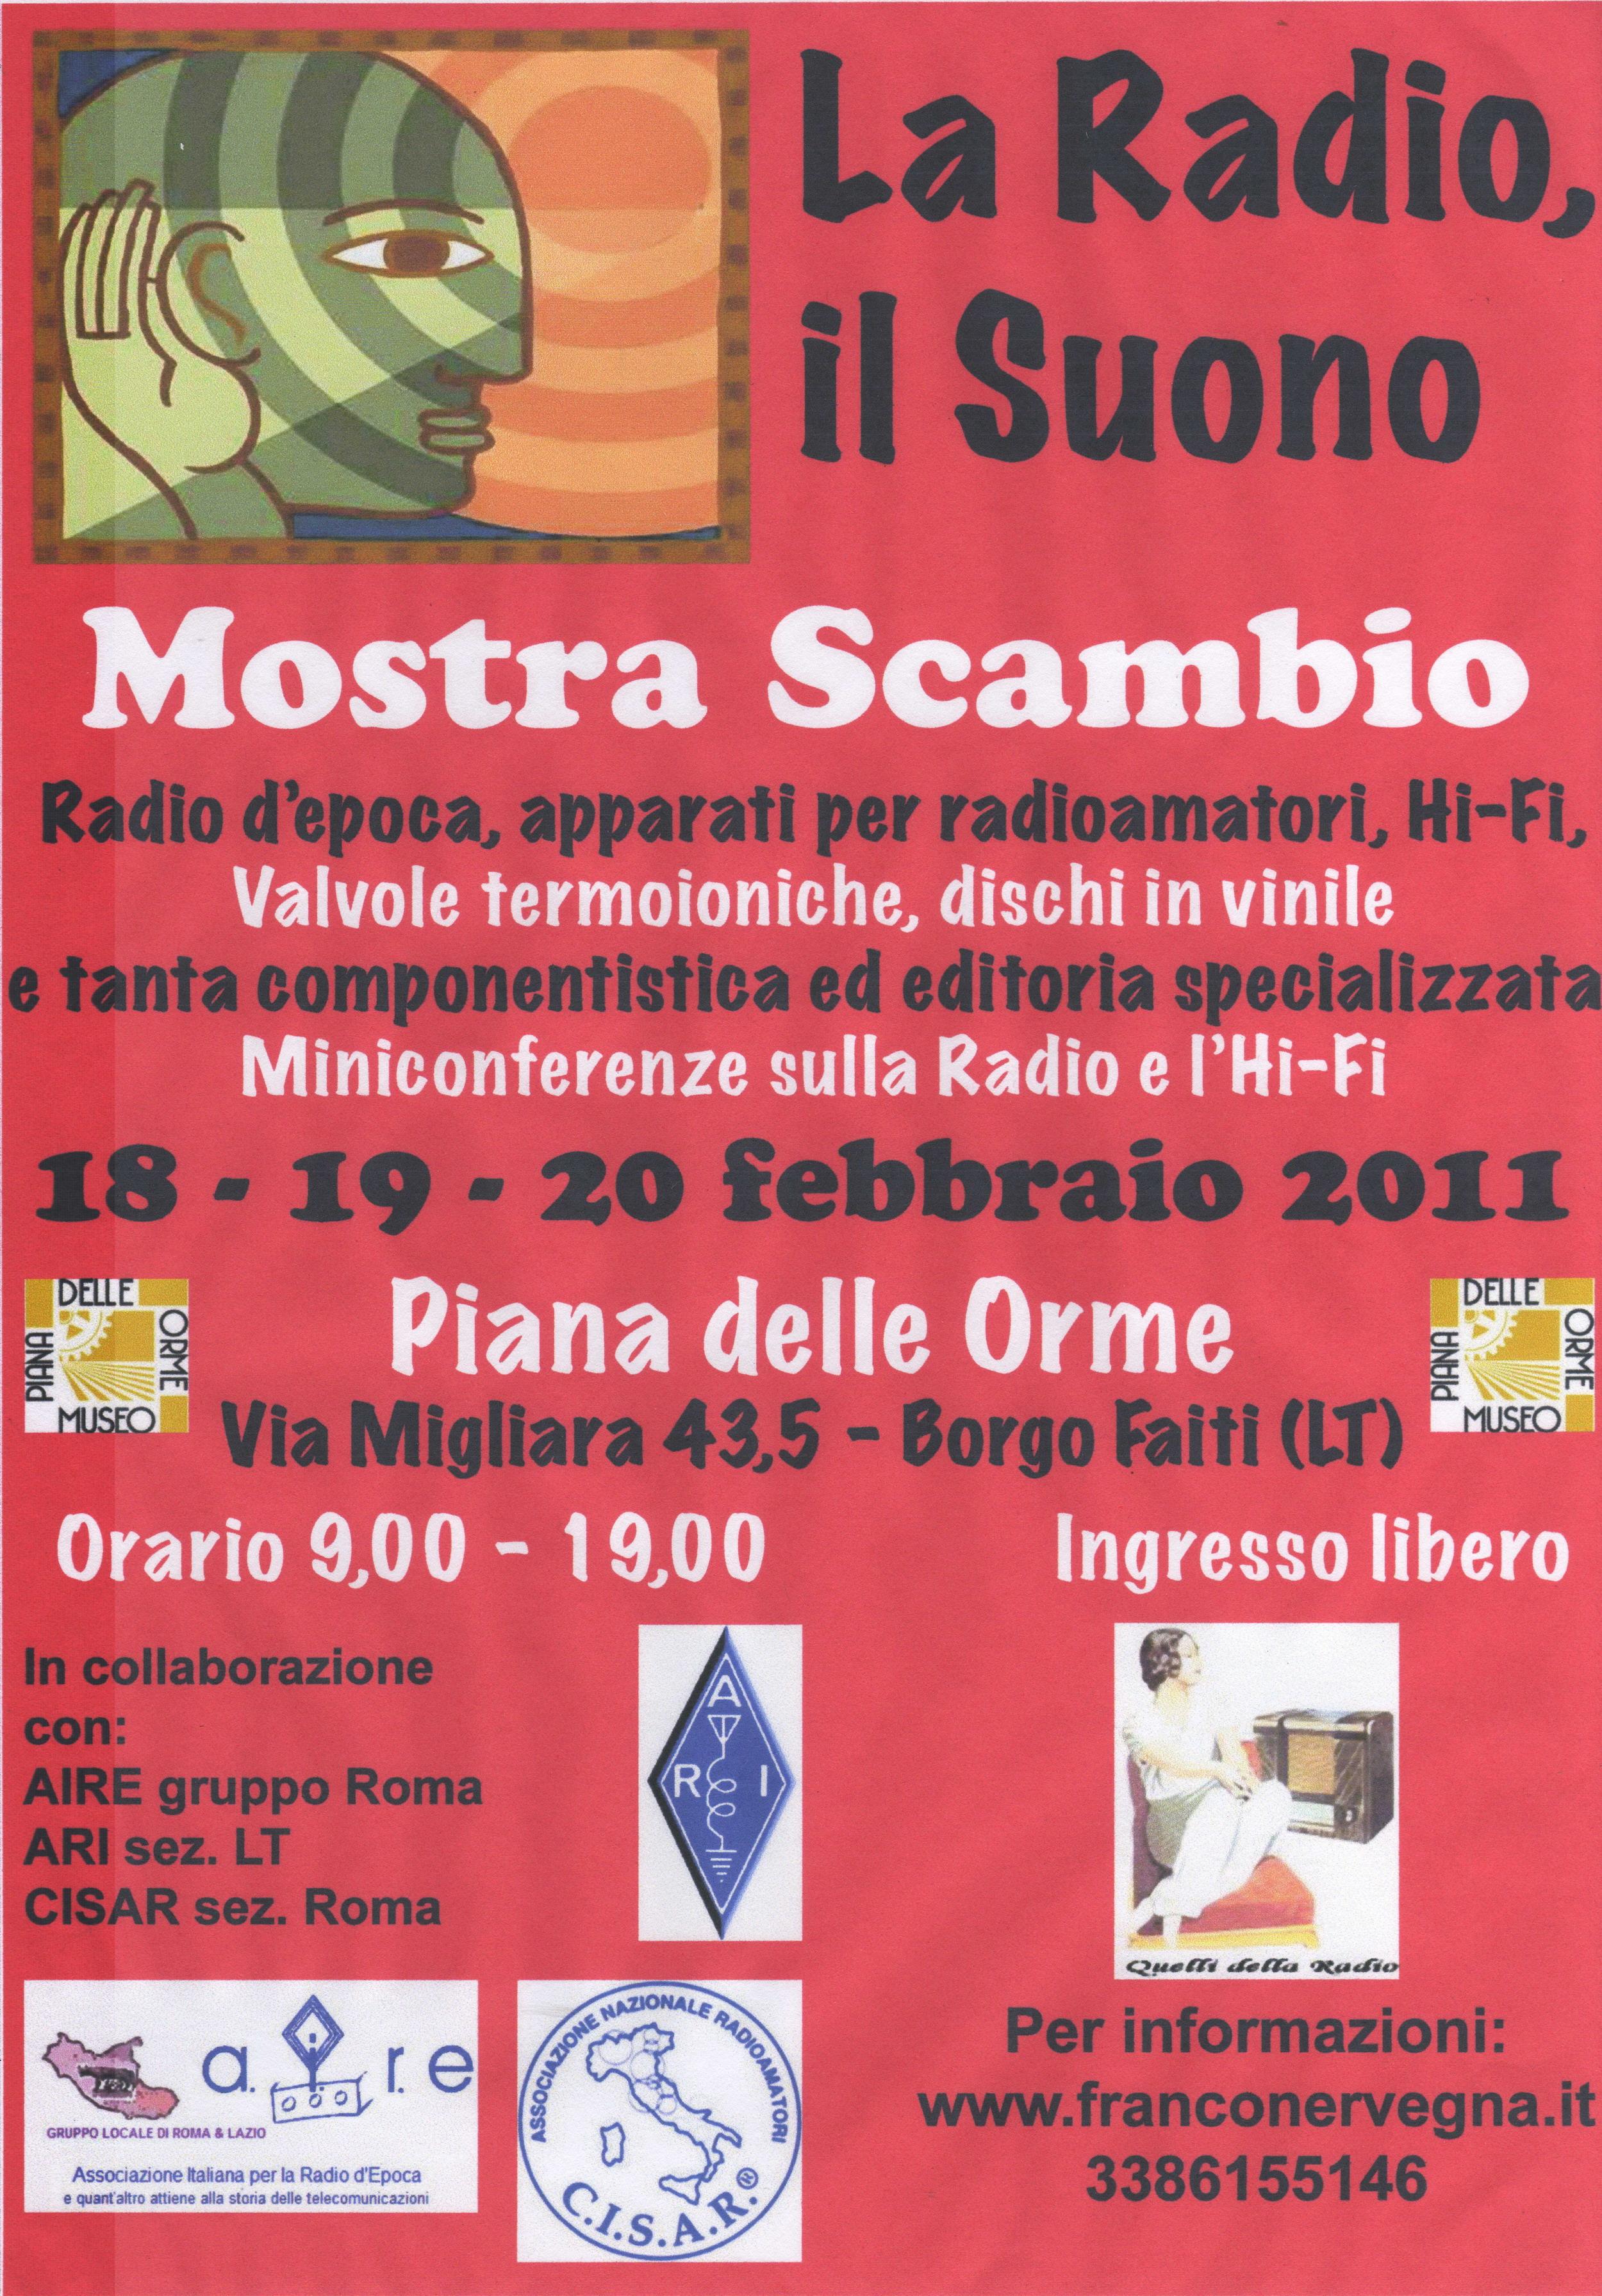 La radio il Suono 1° edizione (4)